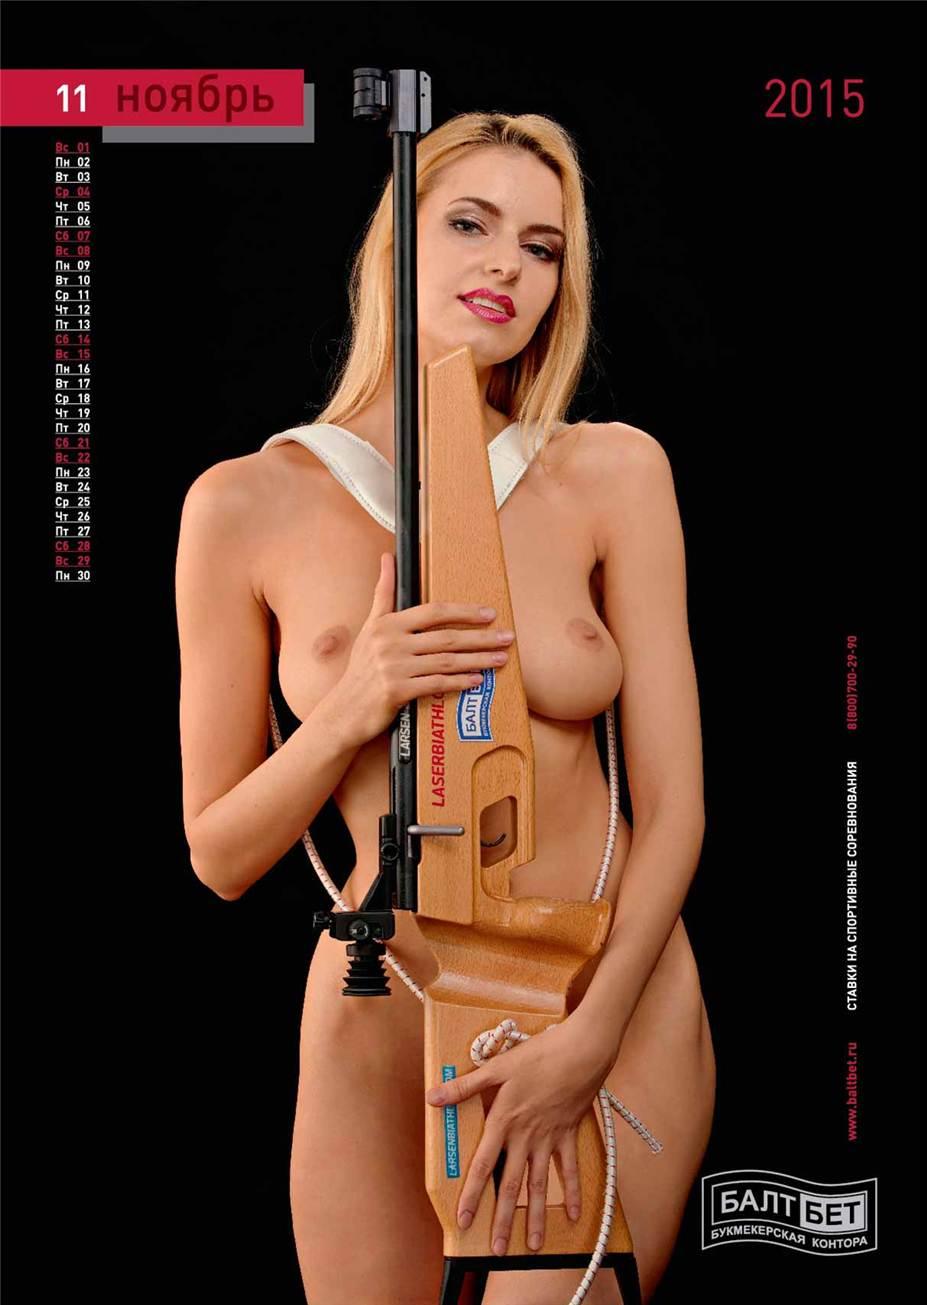 Эротический календарь букмекерской конторы БалтБет на 2015 год